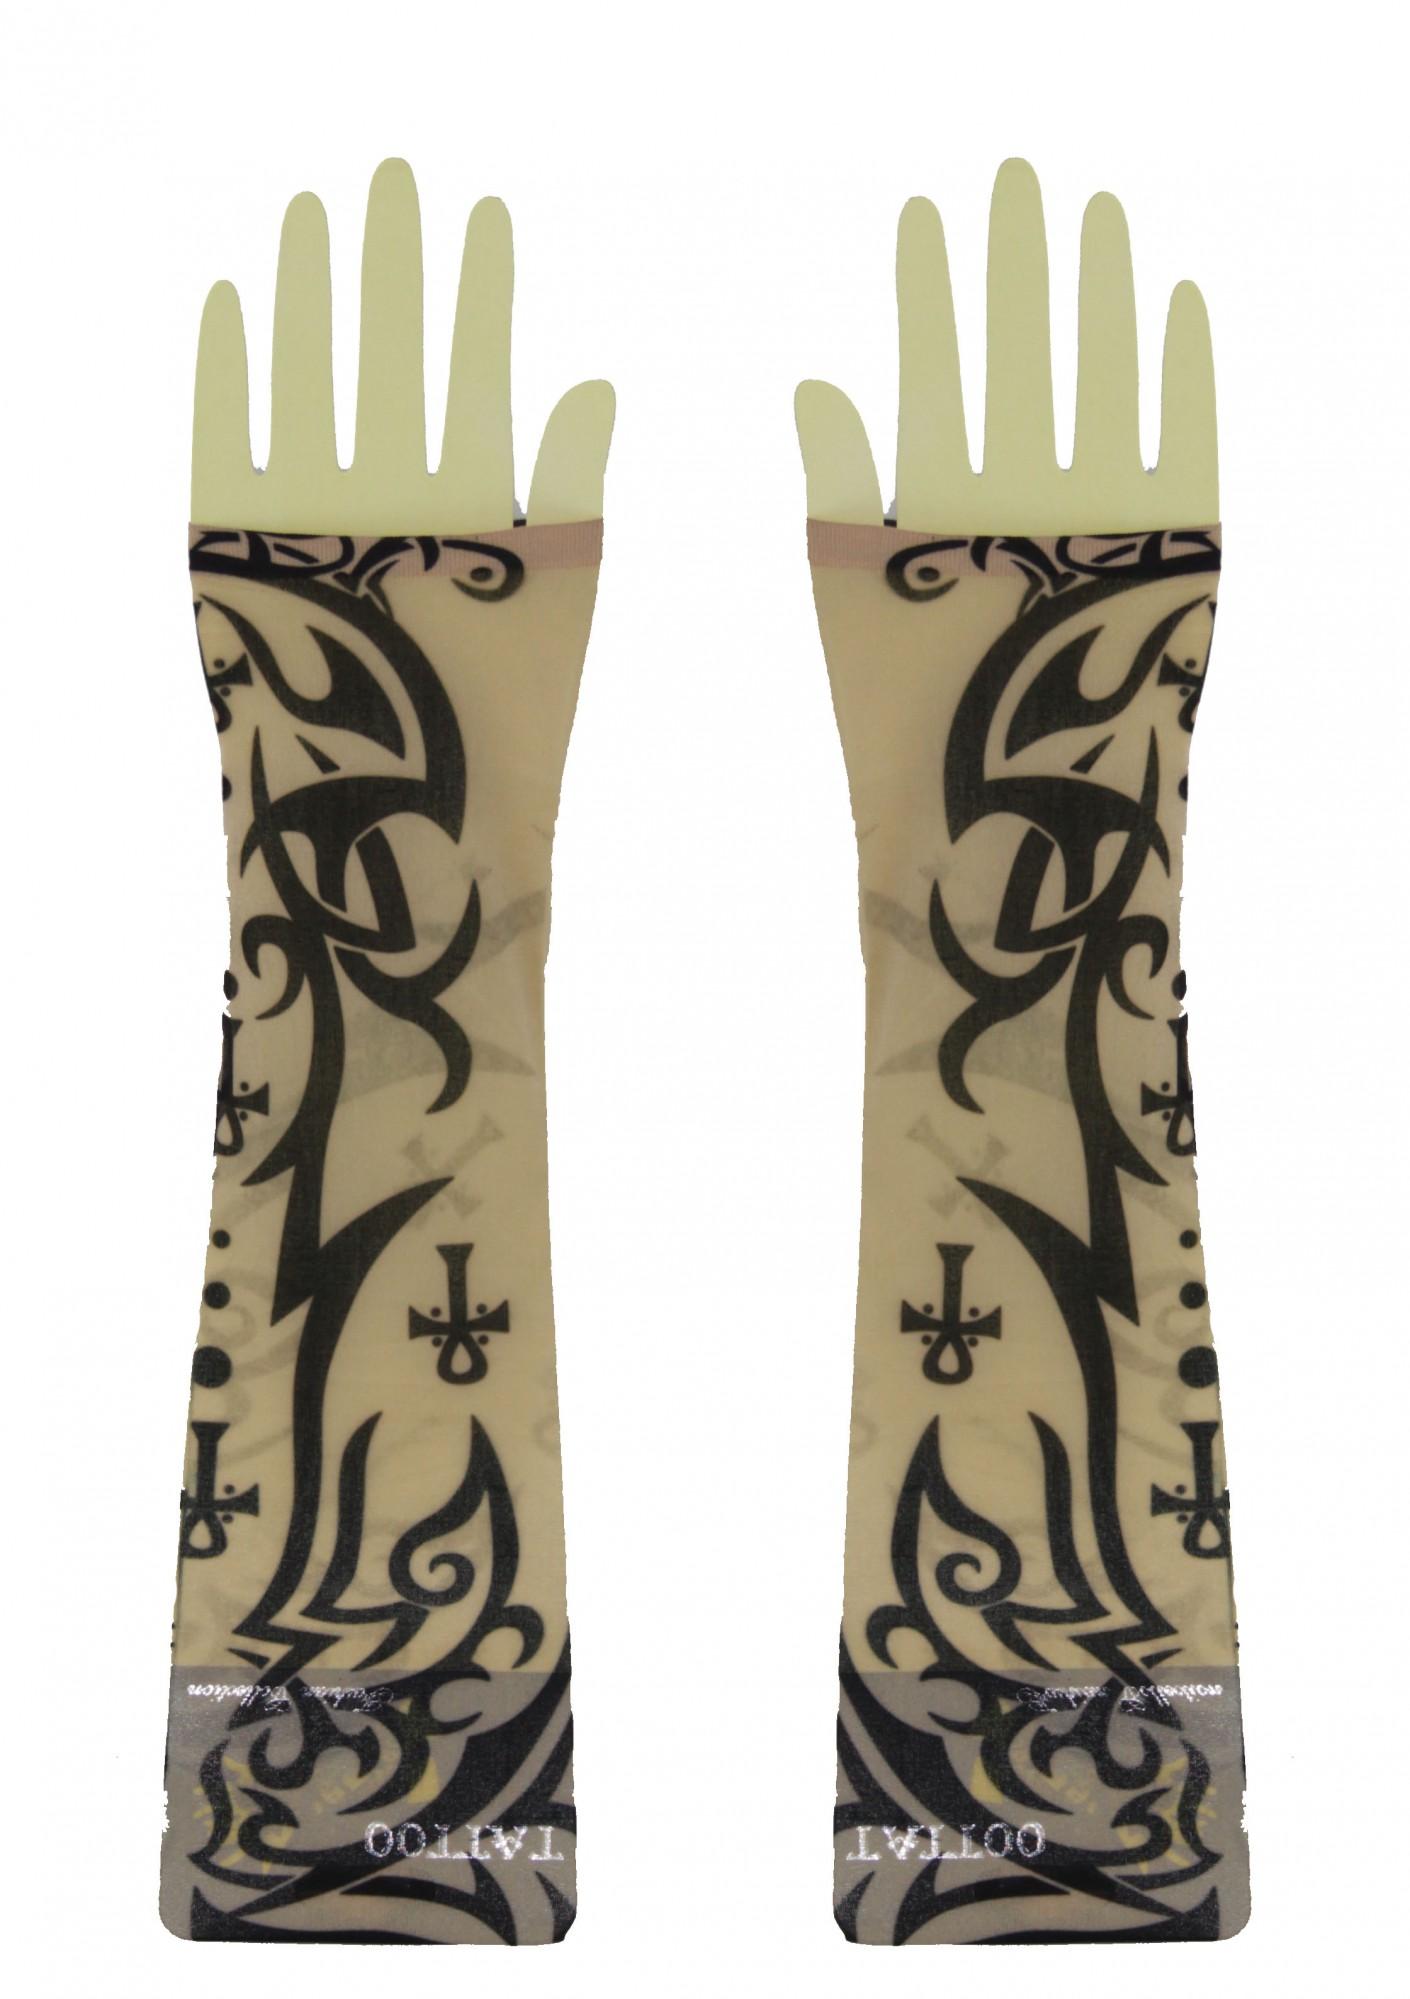 tattoo rmel schwarz halloween kost m online shop kost me per cken masken zubeh r. Black Bedroom Furniture Sets. Home Design Ideas